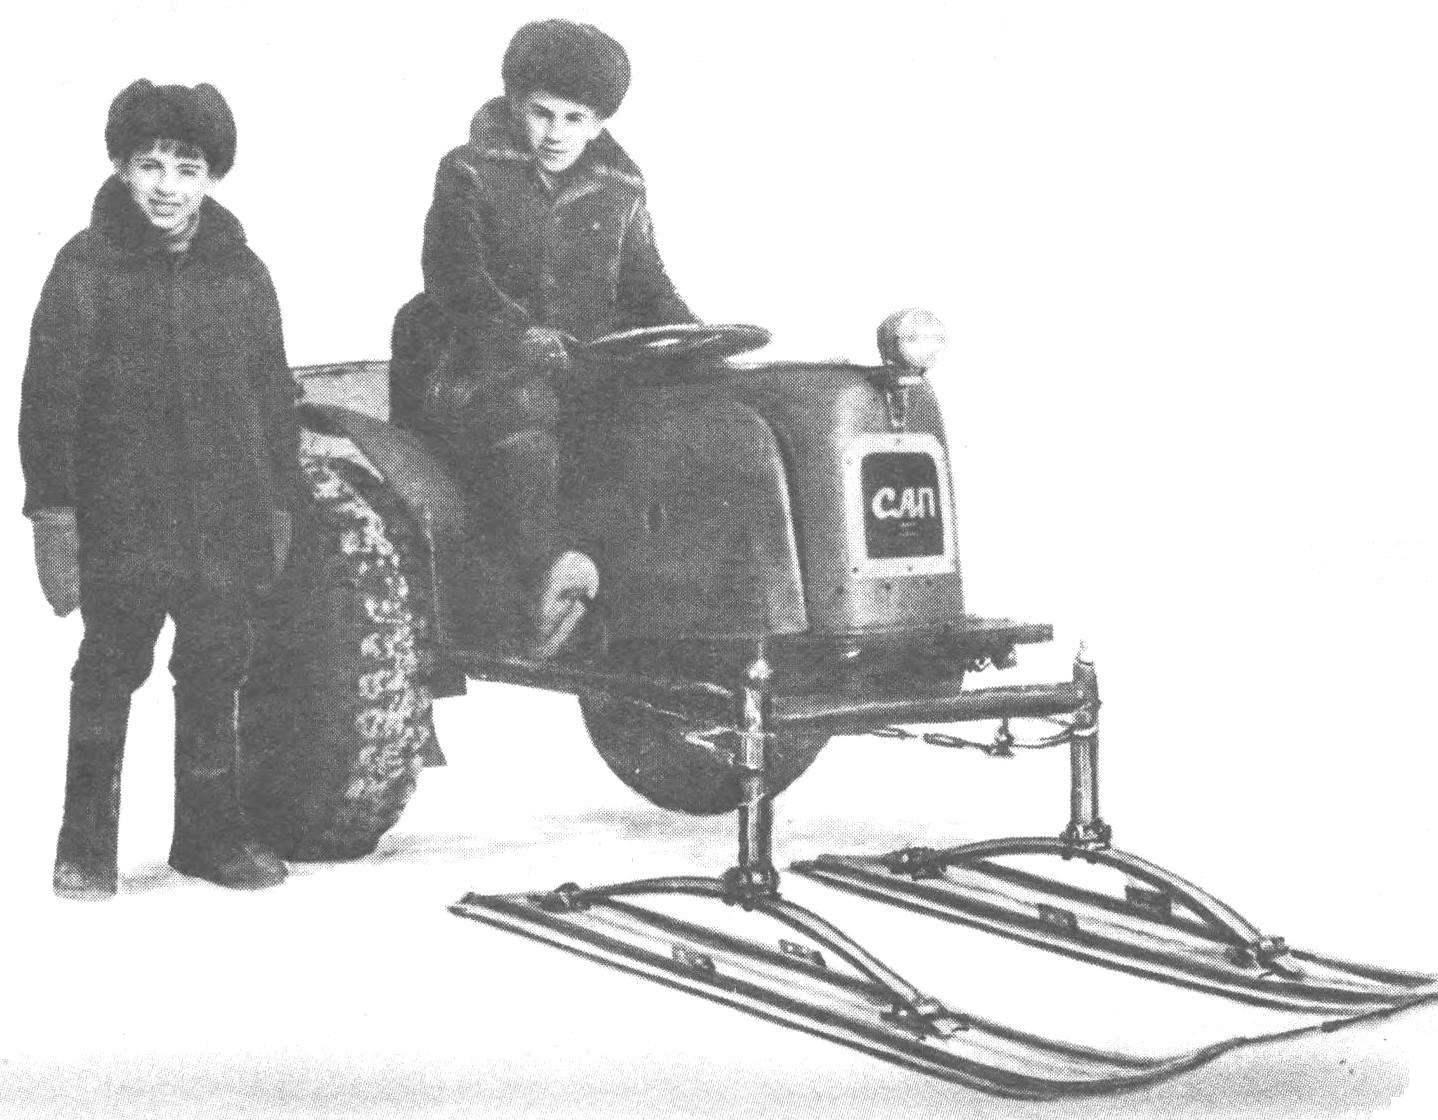 Трактор-малыш,сконструированный школьниками Сережей и Андреем Павловыми, может не только буксировать двухколесный прицеп, но и пахать, боронить, культивировать почву, поливать пришкольный участок. Зимой же передние колеса заменяются лыжами — и трактор превращается в снегоход.